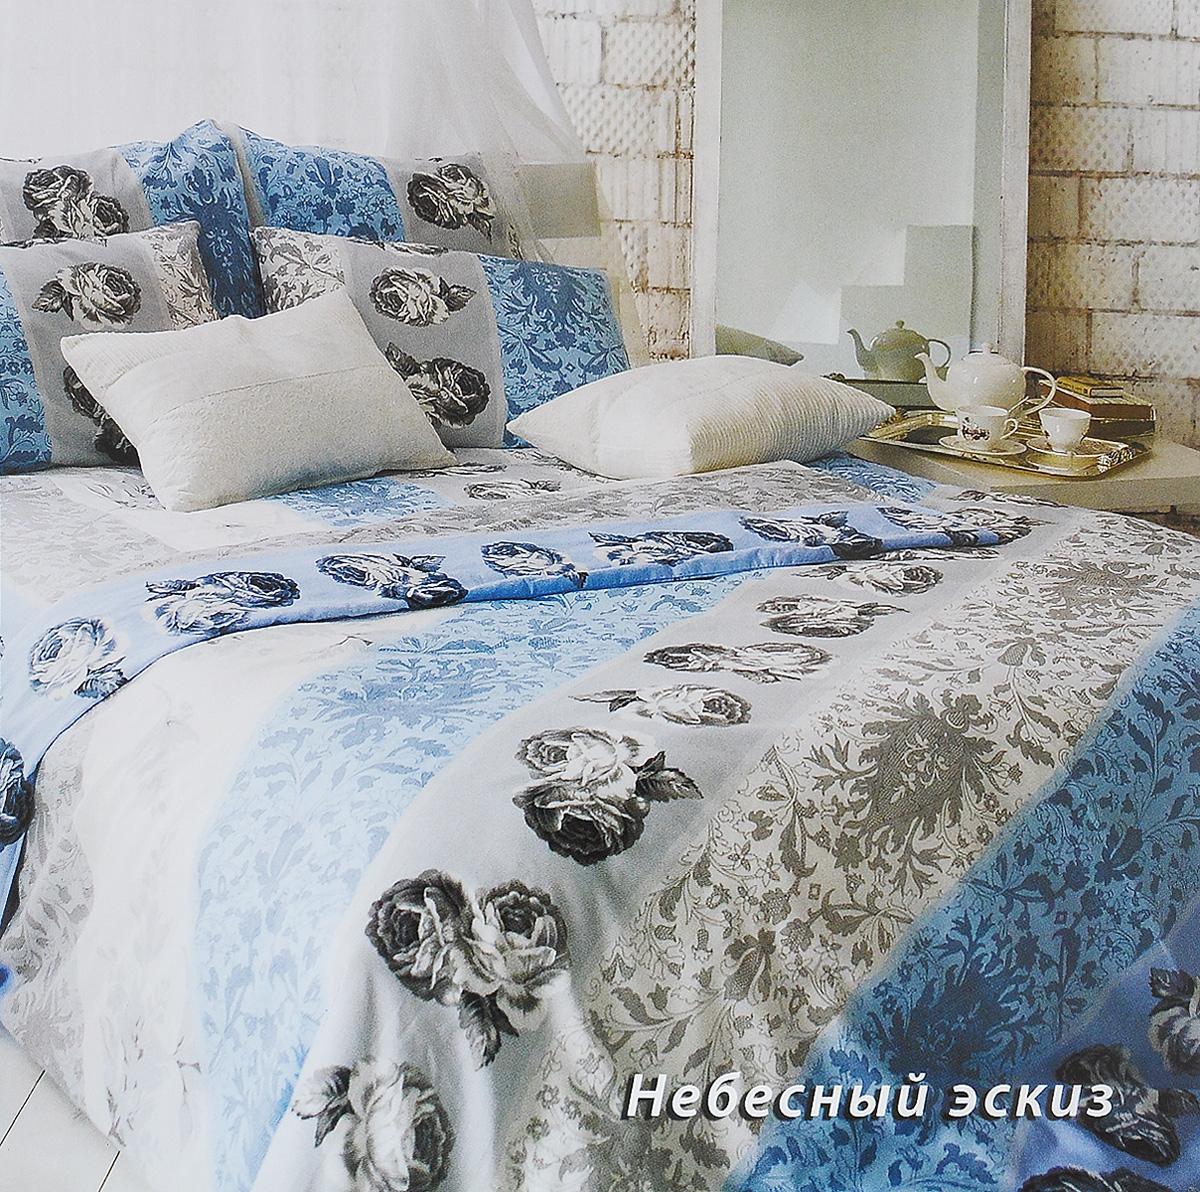 Комплект белья Tiffany's Secret Небесный эскиз, семейный, наволочки 50х70, цвет: голубой, белый, серый комплект постельного белья tiffany s secret евро сатин небесный эскиз